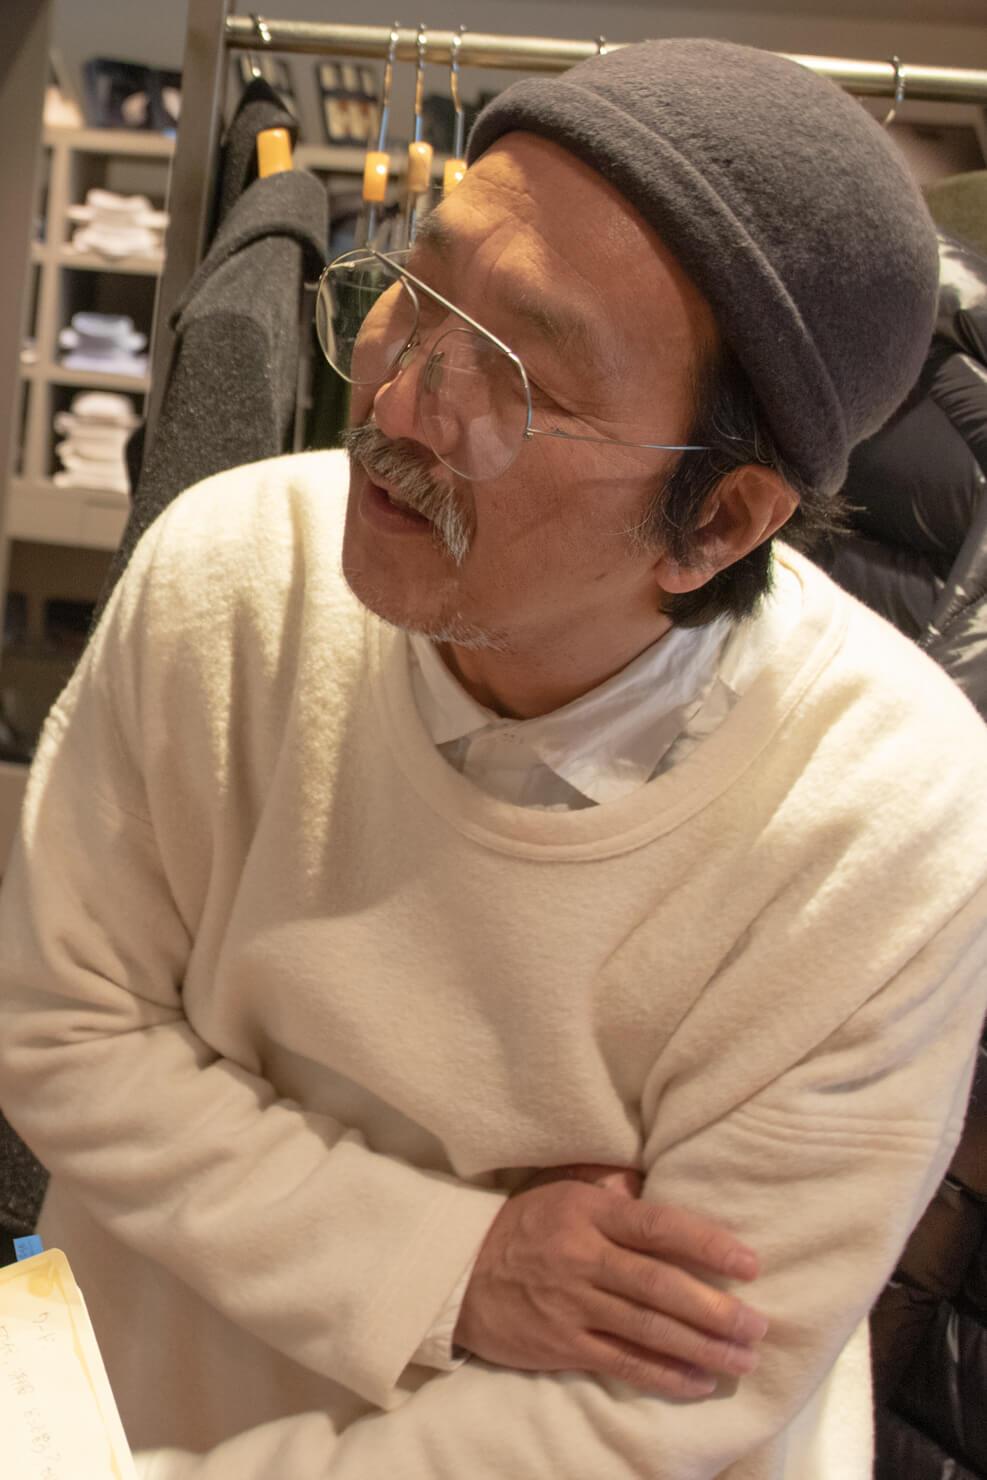 ガッツを覗き込む浅田さんの写真